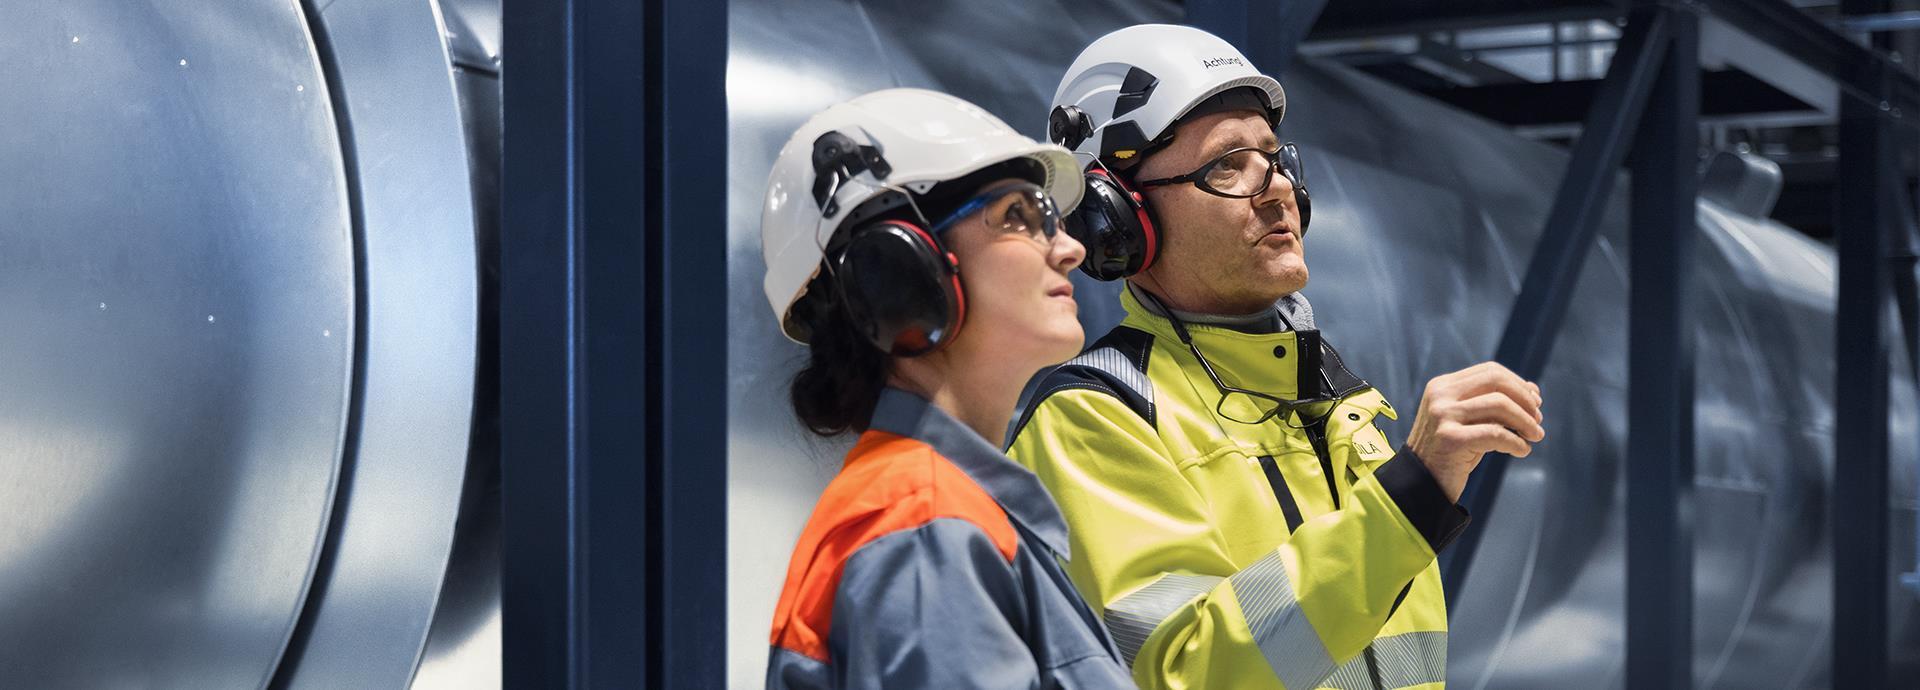 Wärtsilä Lifecycle Support and O&M